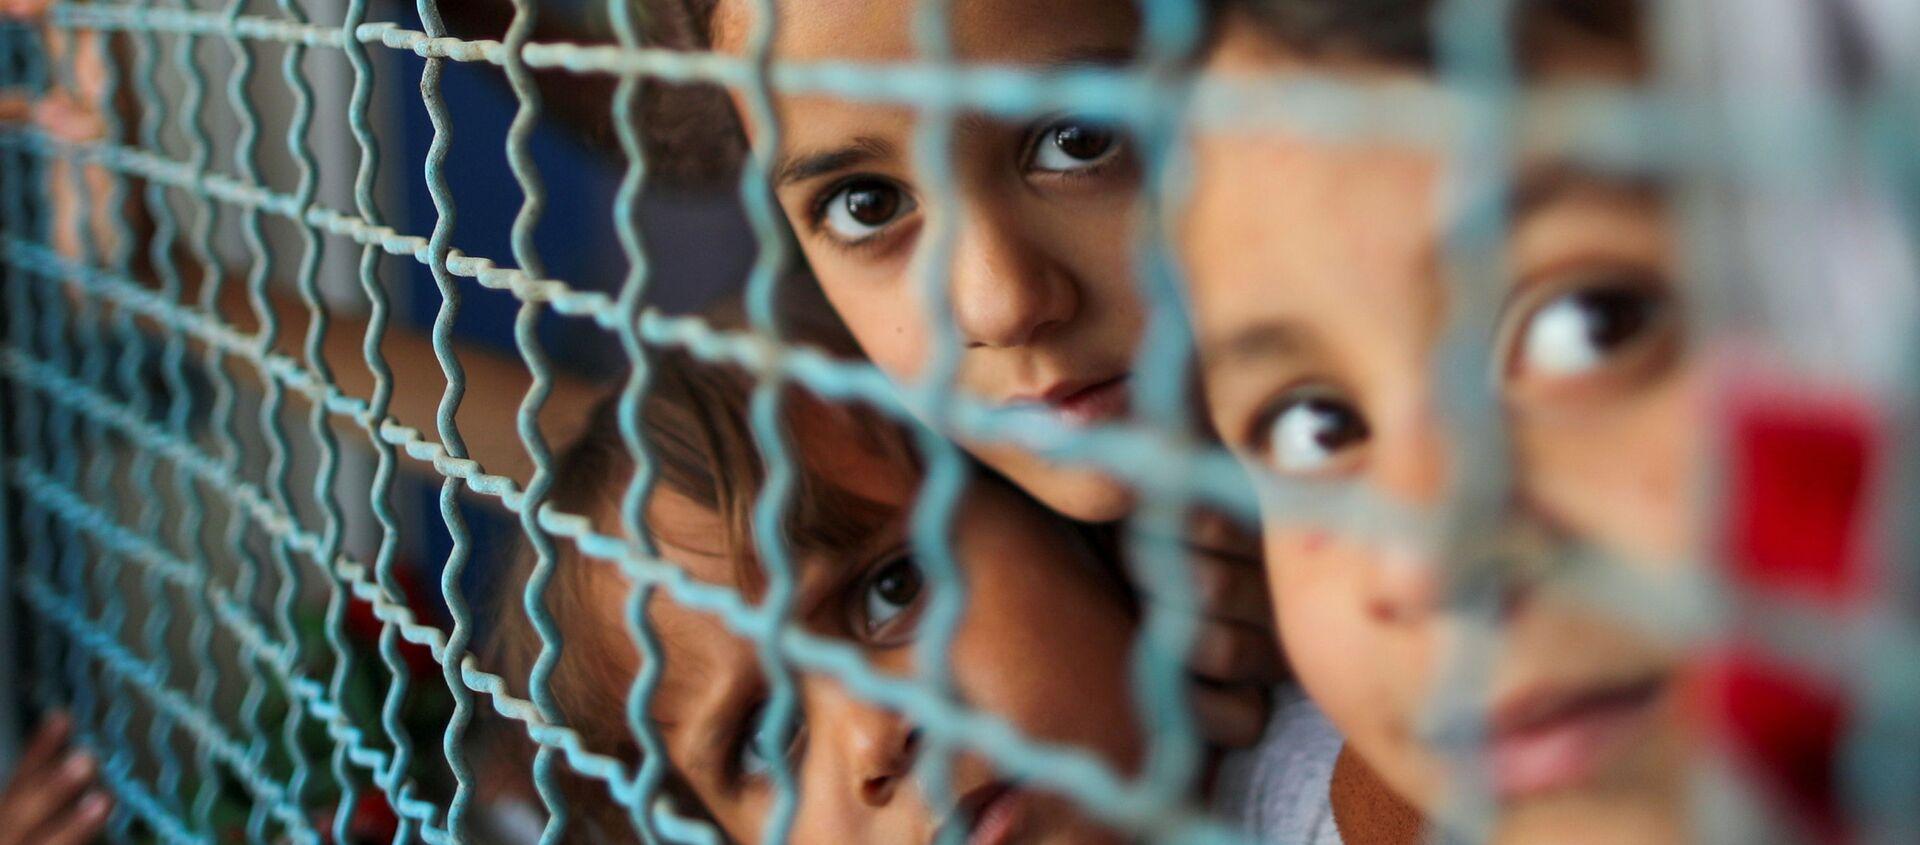 Trẻ em Palestine phải ra khỏi nhà bởi các cuộc không kích và pháo binh của Israel đang nhìn qua lan can cửa sổ của trường học do Liên hợp quốc điều hành, nơi họ trú ẩn ở thành phố Gaza - Sputnik Việt Nam, 1920, 04.06.2021